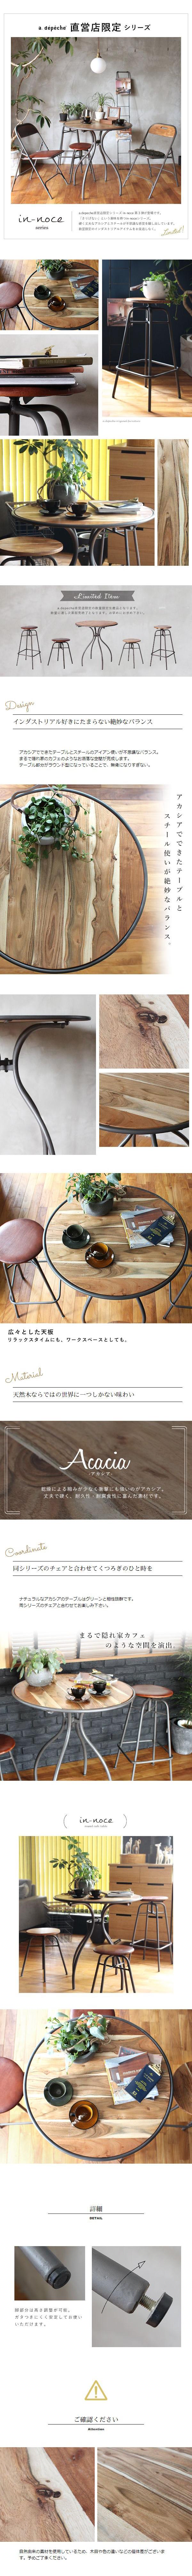 インノーチェ ラウンド カフェ テーブル